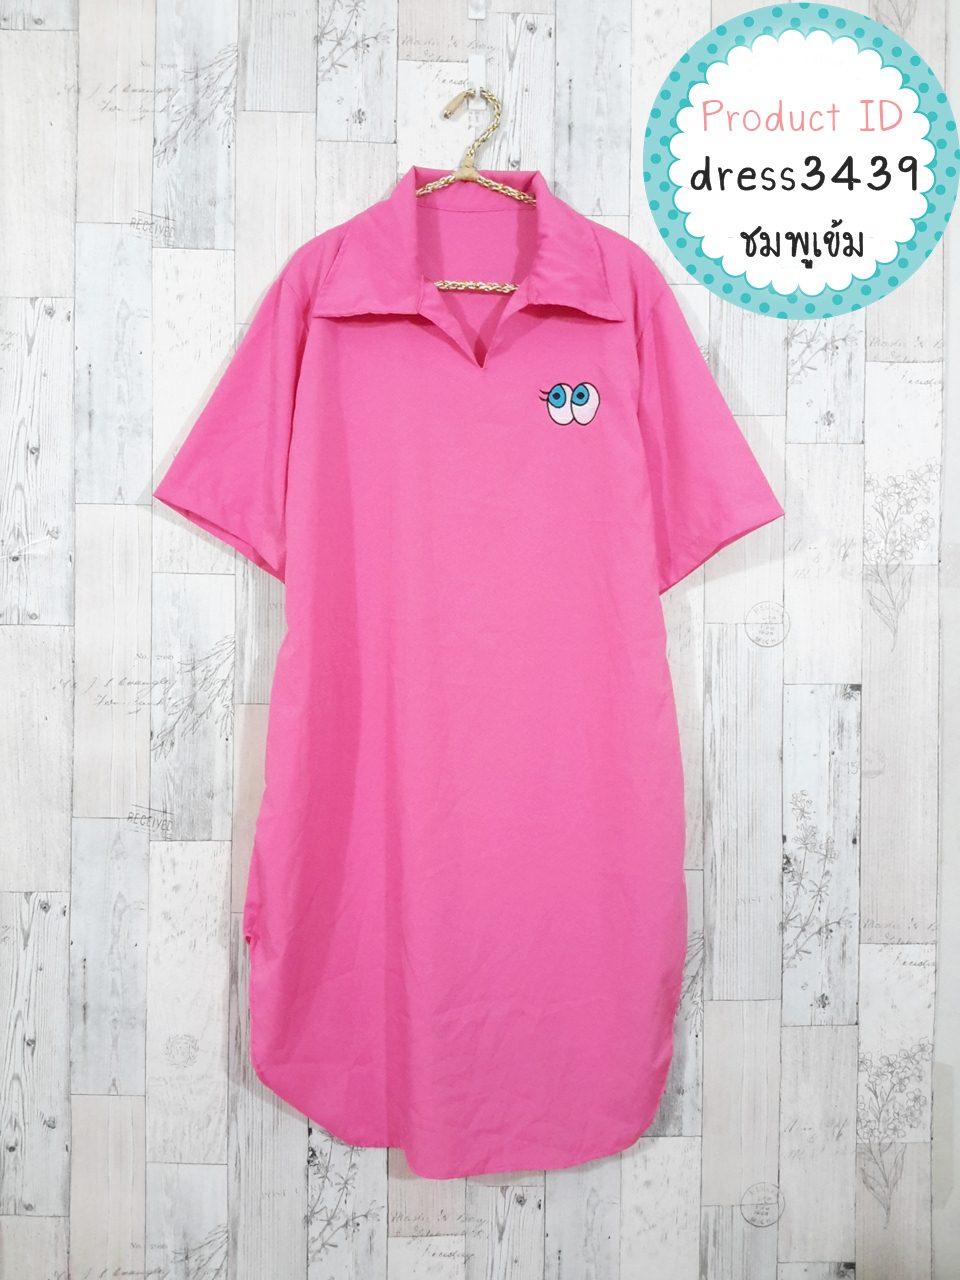 Dress3439 Big Size Dress ชุดเดรสไซส์ใหญ่คอปกเชิ้ต แขนสั้น ผ้าหางกระรอกเนื้อดีสีพื้นชมพูเข้ม